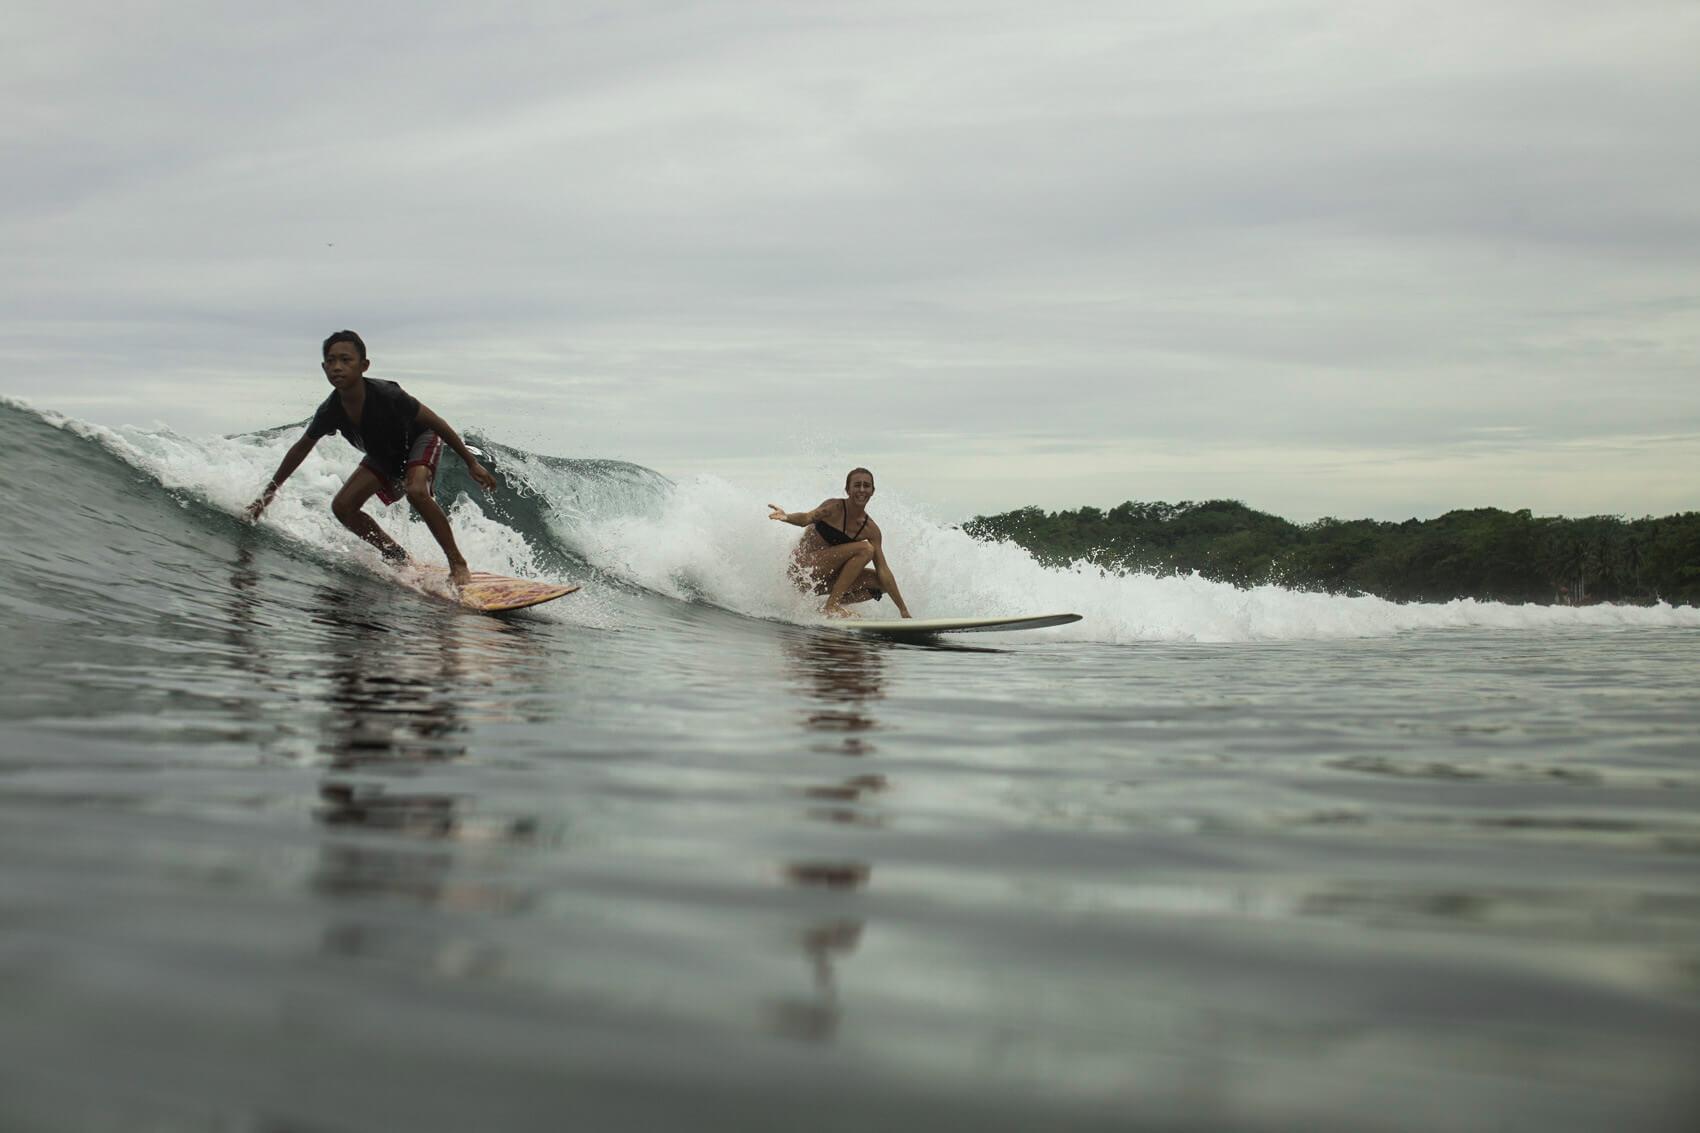 серфинг локализм